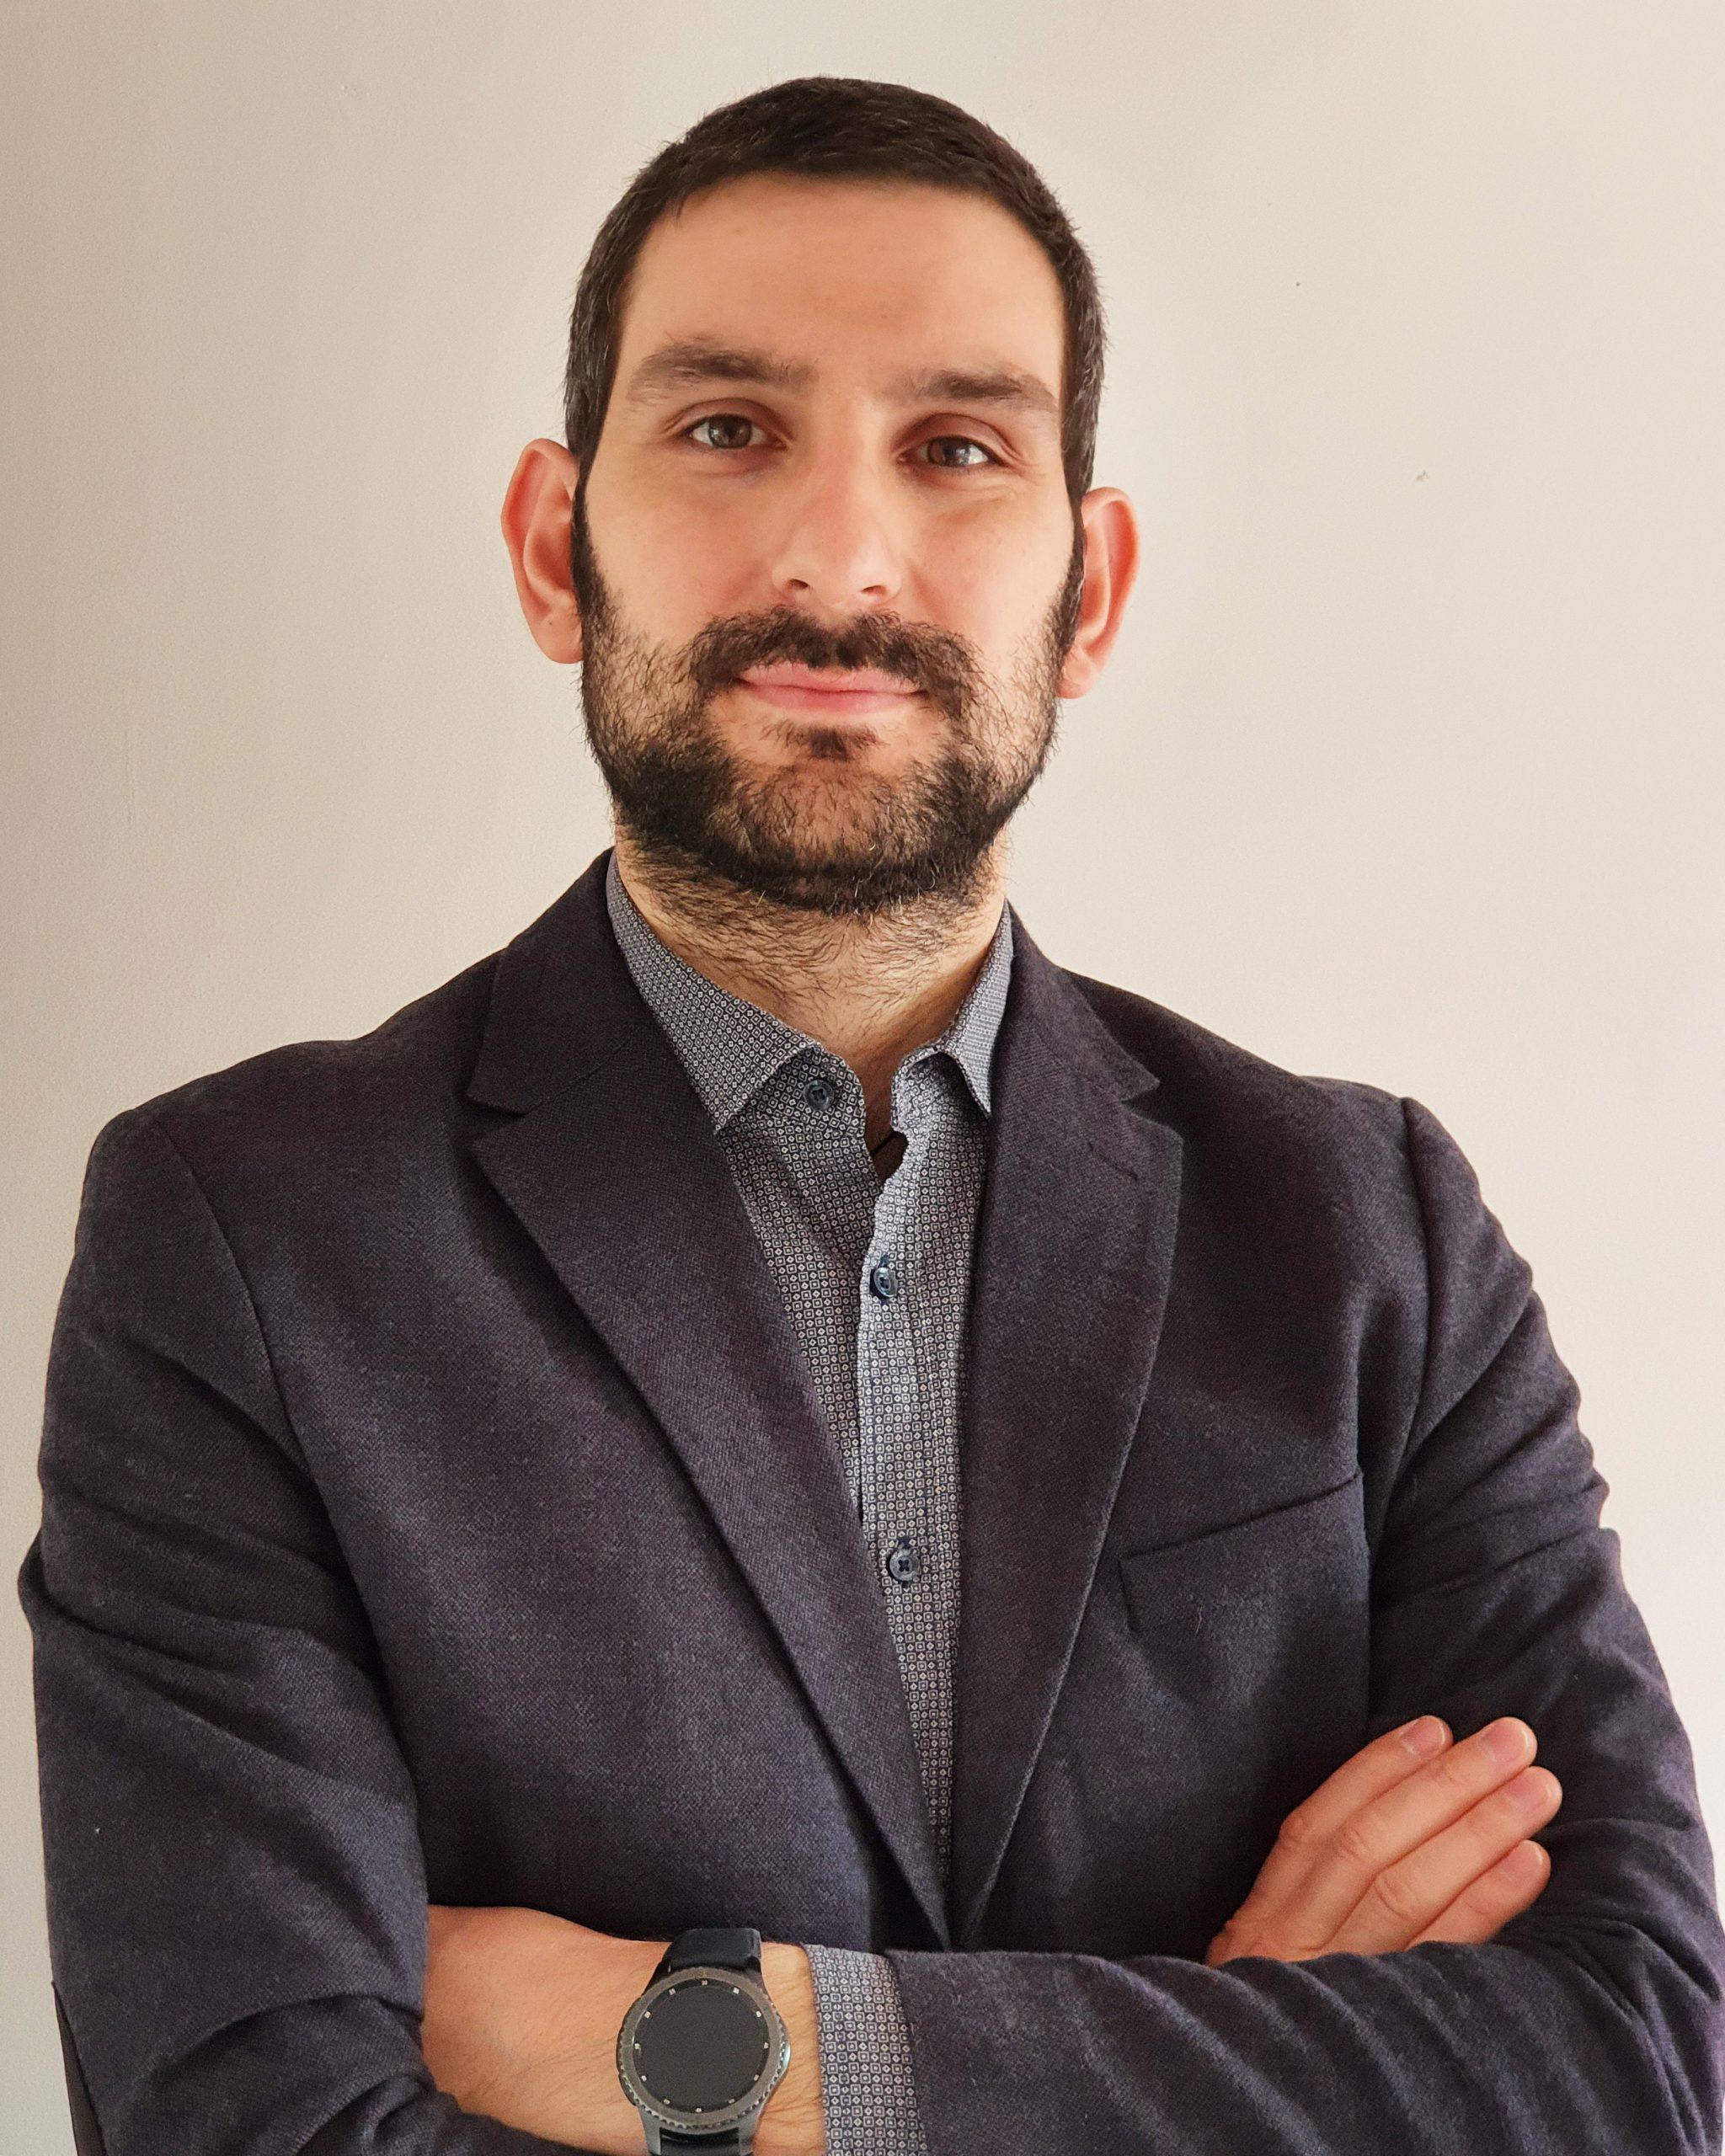 Carmine De Martino